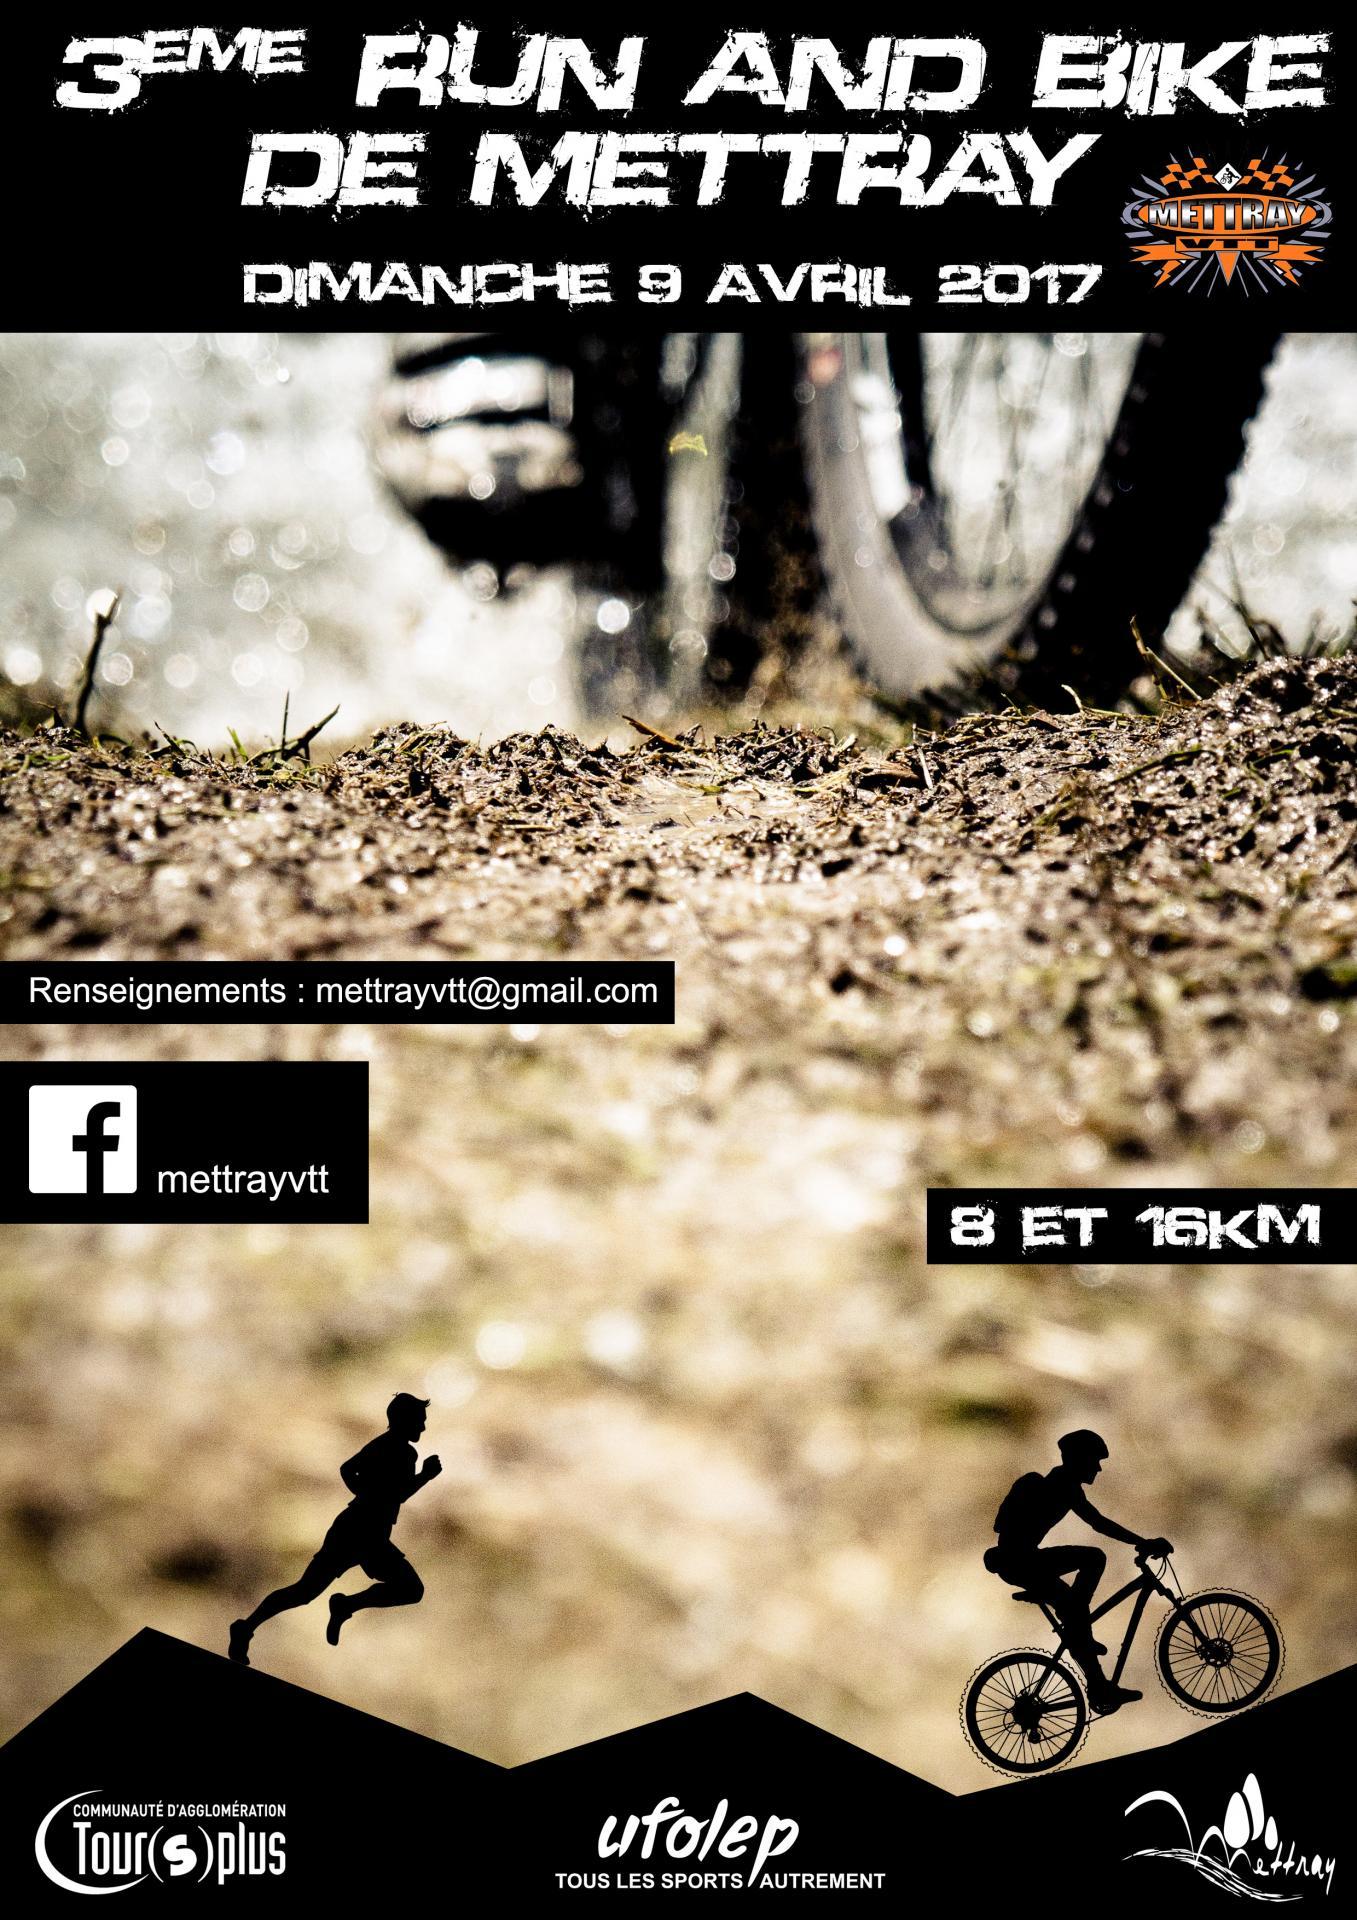 Run and bike 2017